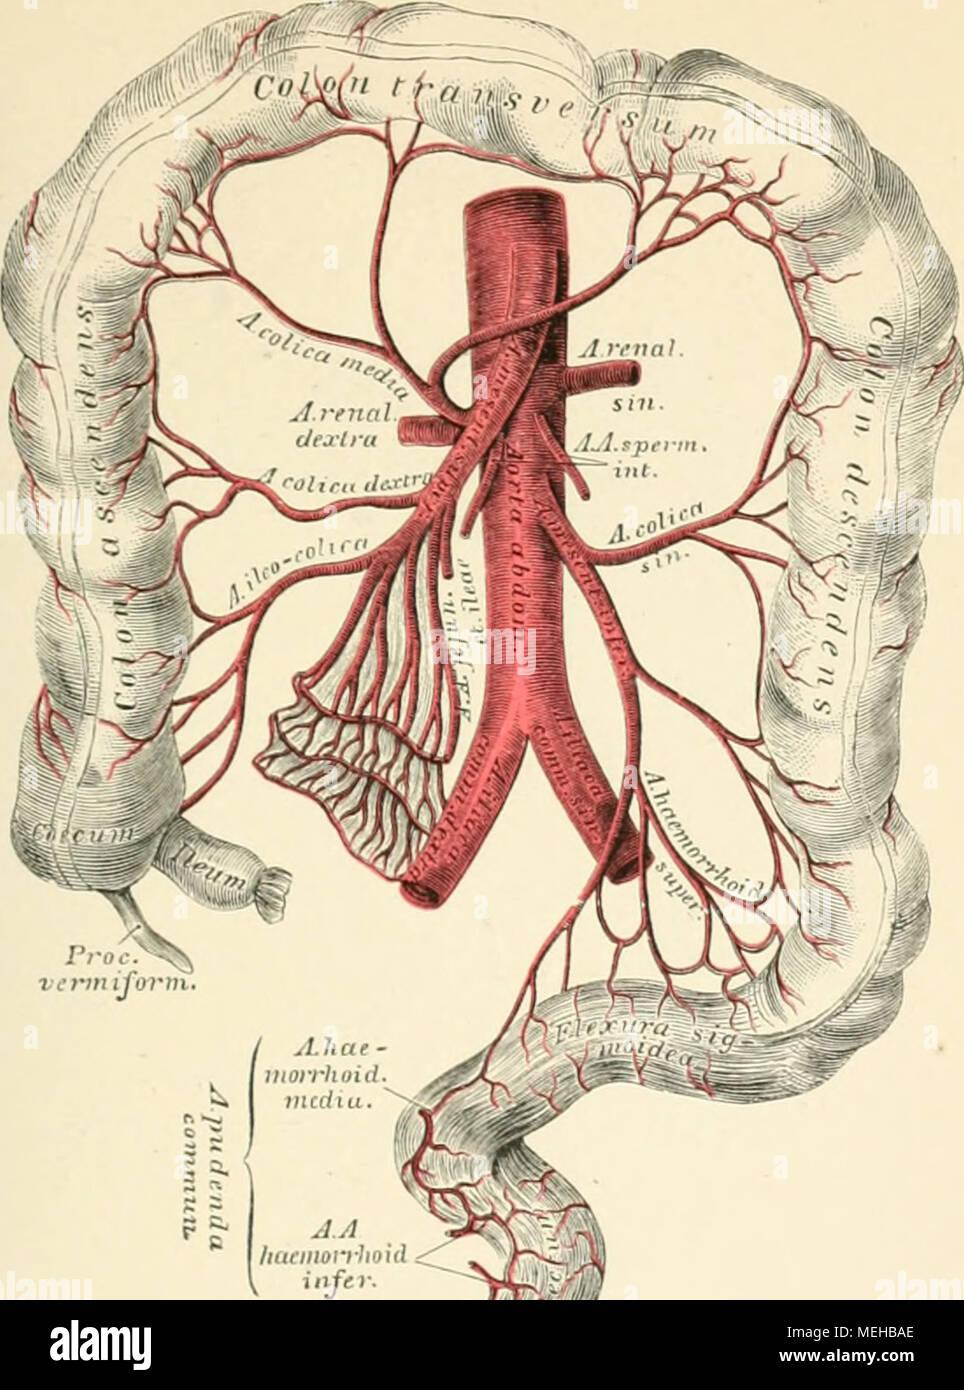 Großzügig Pankreasgang Anatomie Galerie - Menschliche Anatomie ...